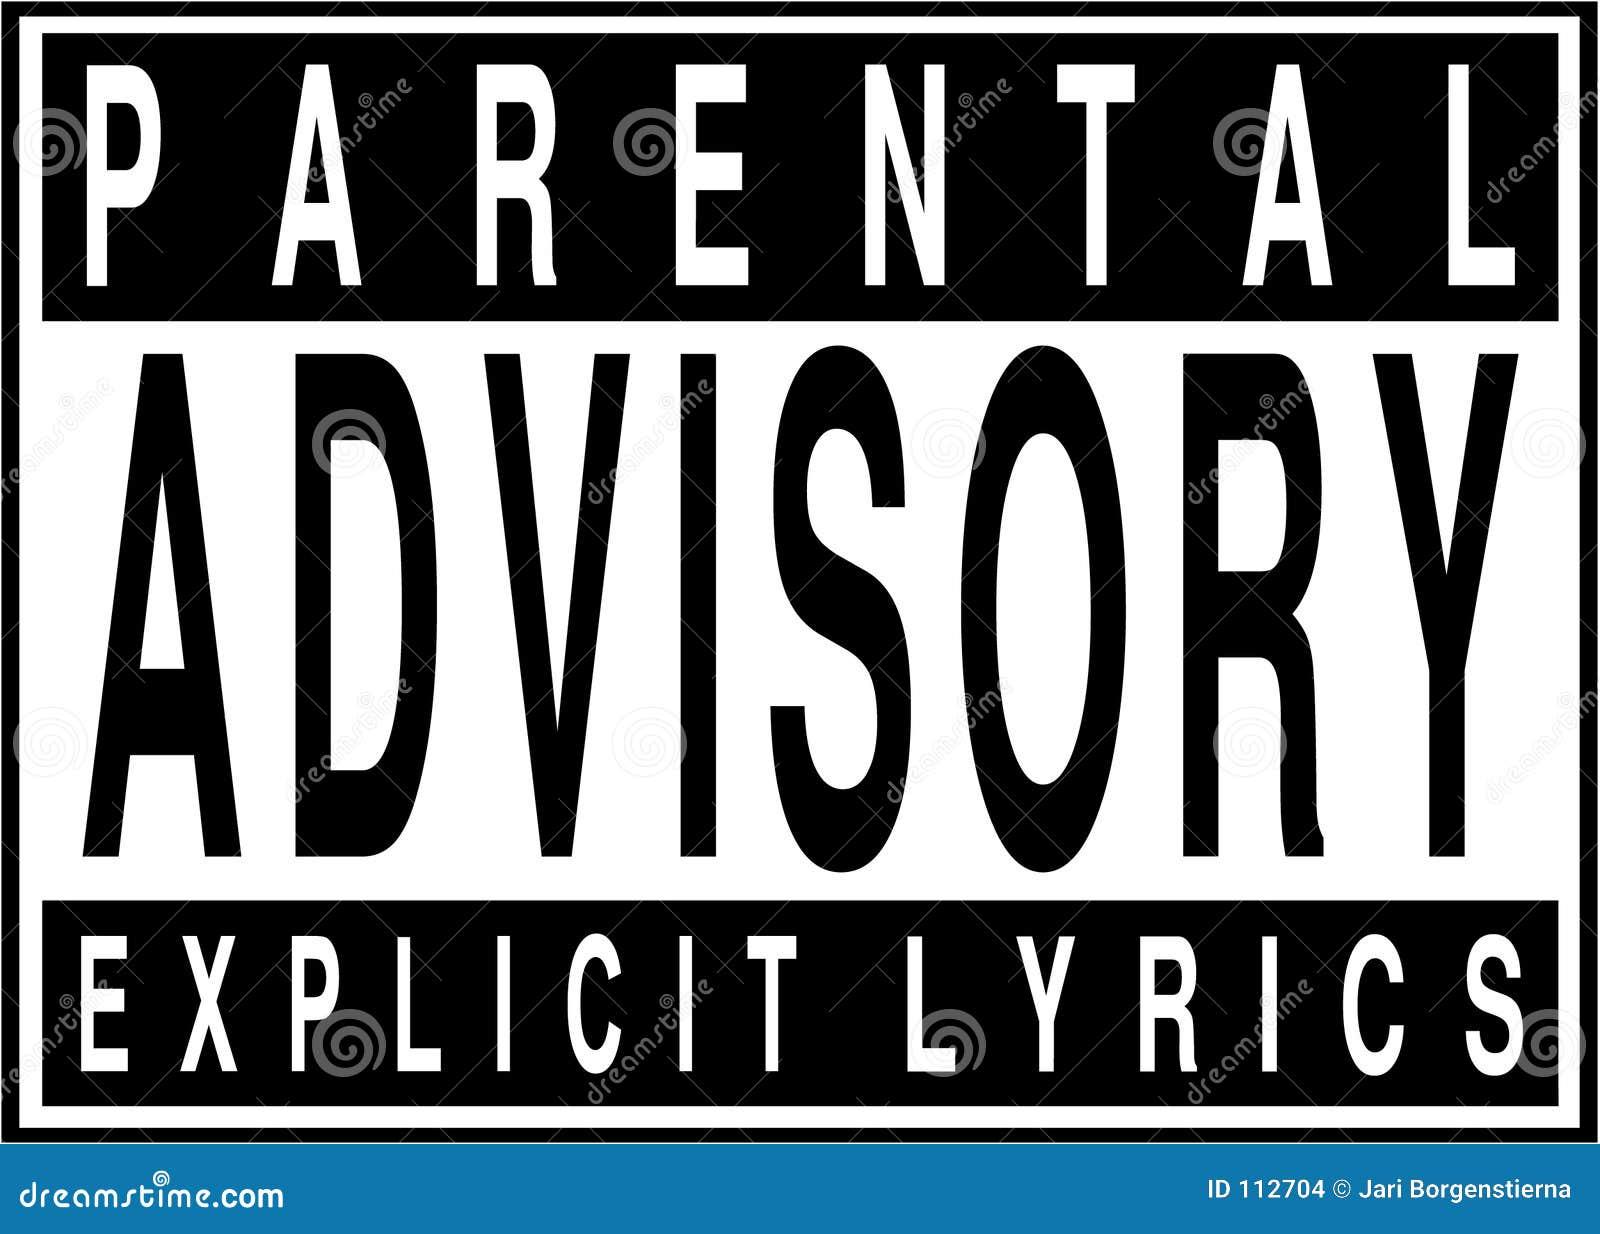 Parental Advisory Explicit Lyrics Stock Images - Image: 112704